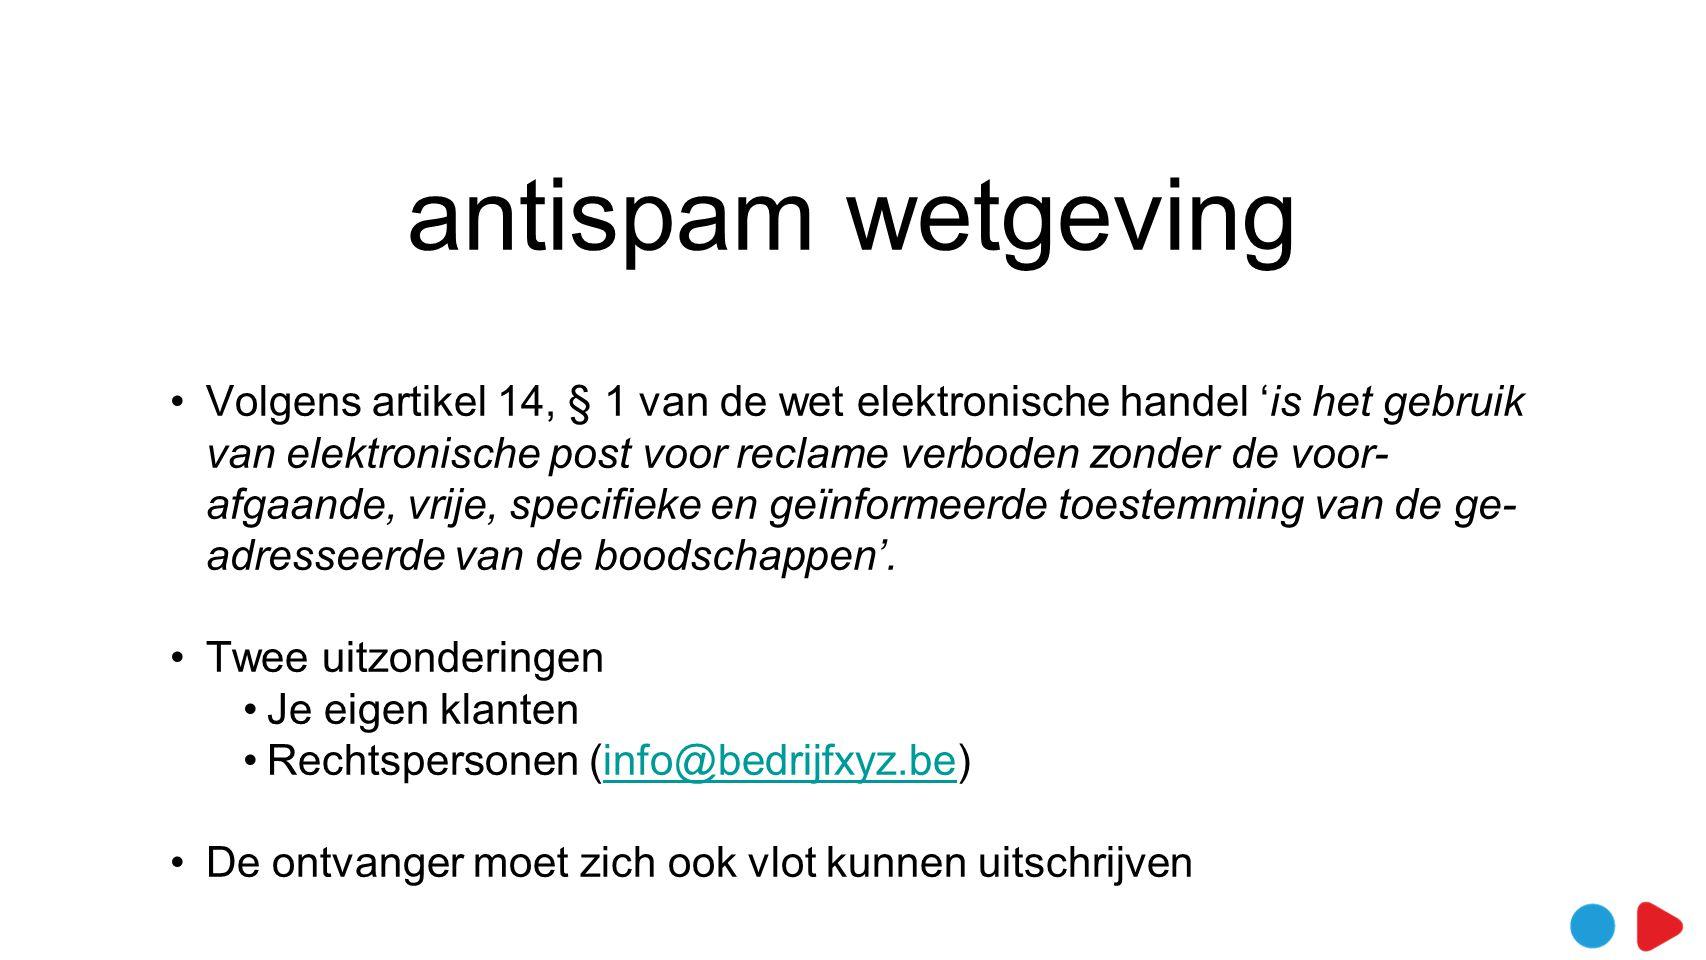 antispam wetgeving •Volgens artikel 14, § 1 van de wet elektronische handel 'is het gebruik van elektronische post voor reclame verboden zonder de voor- afgaande, vrije, specifieke en geïnformeerde toestemming van de ge- adresseerde van de boodschappen'.